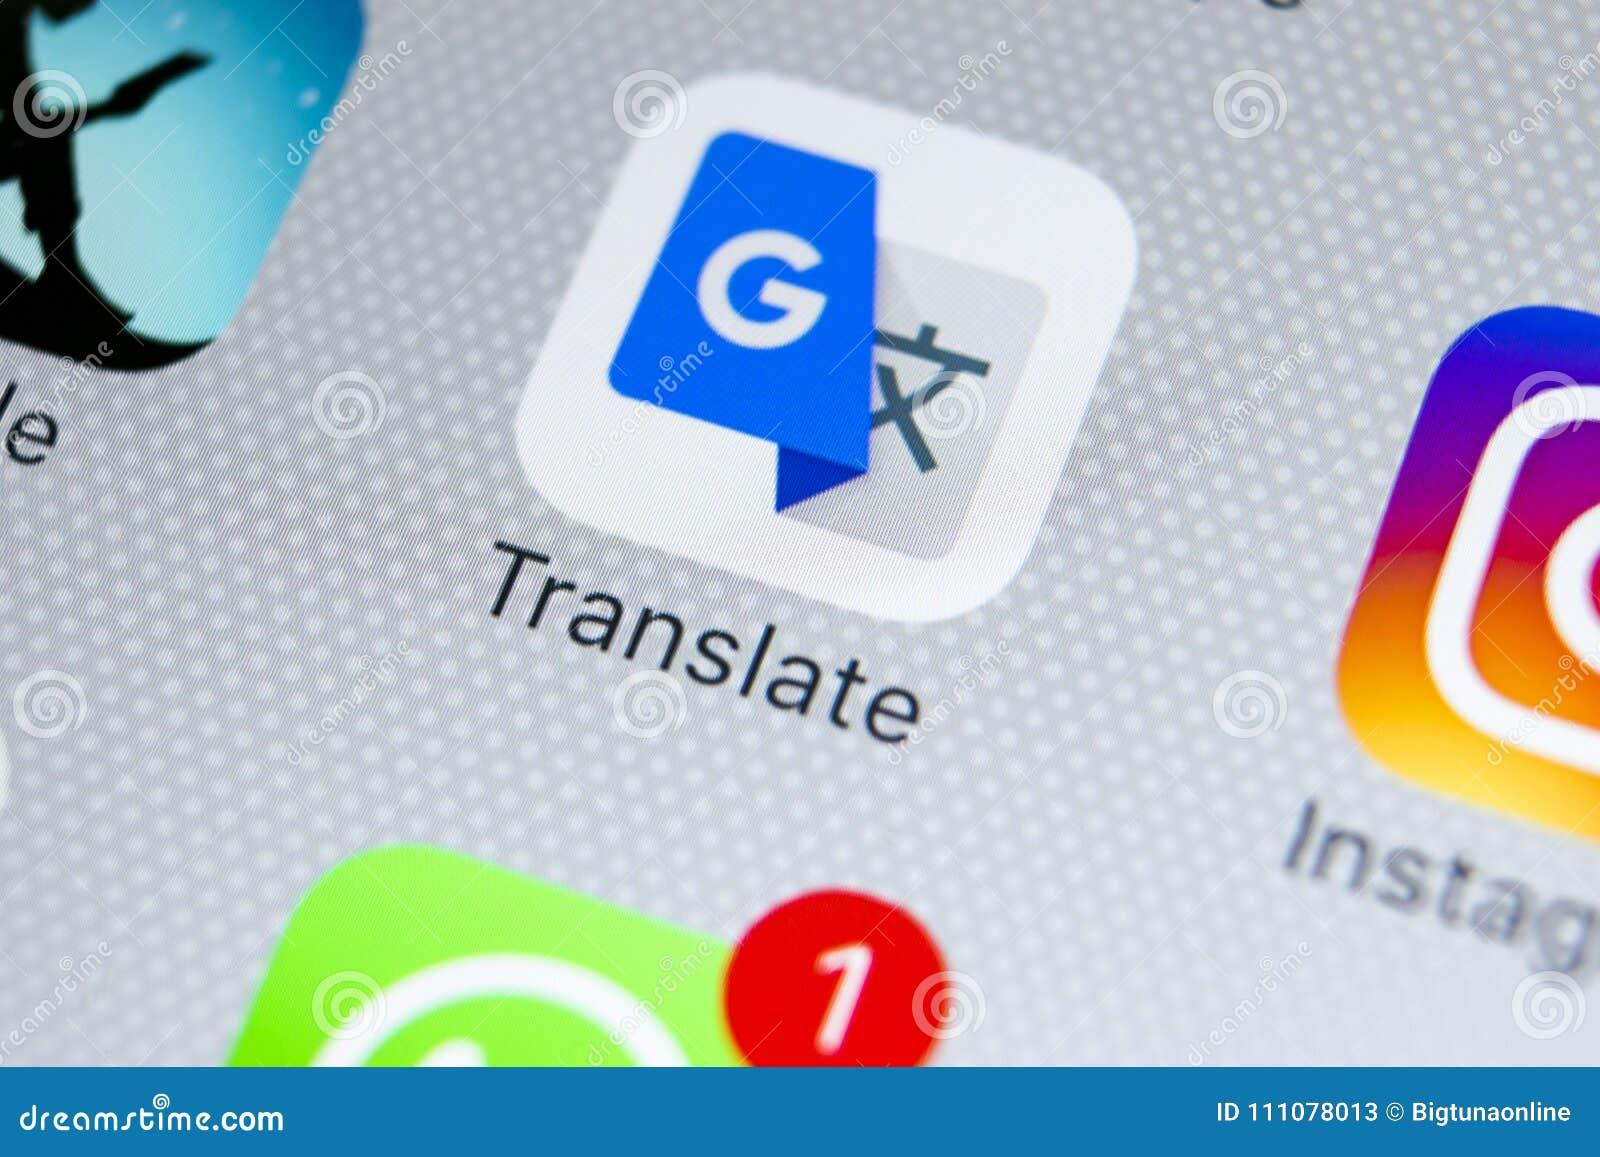 google translator app download